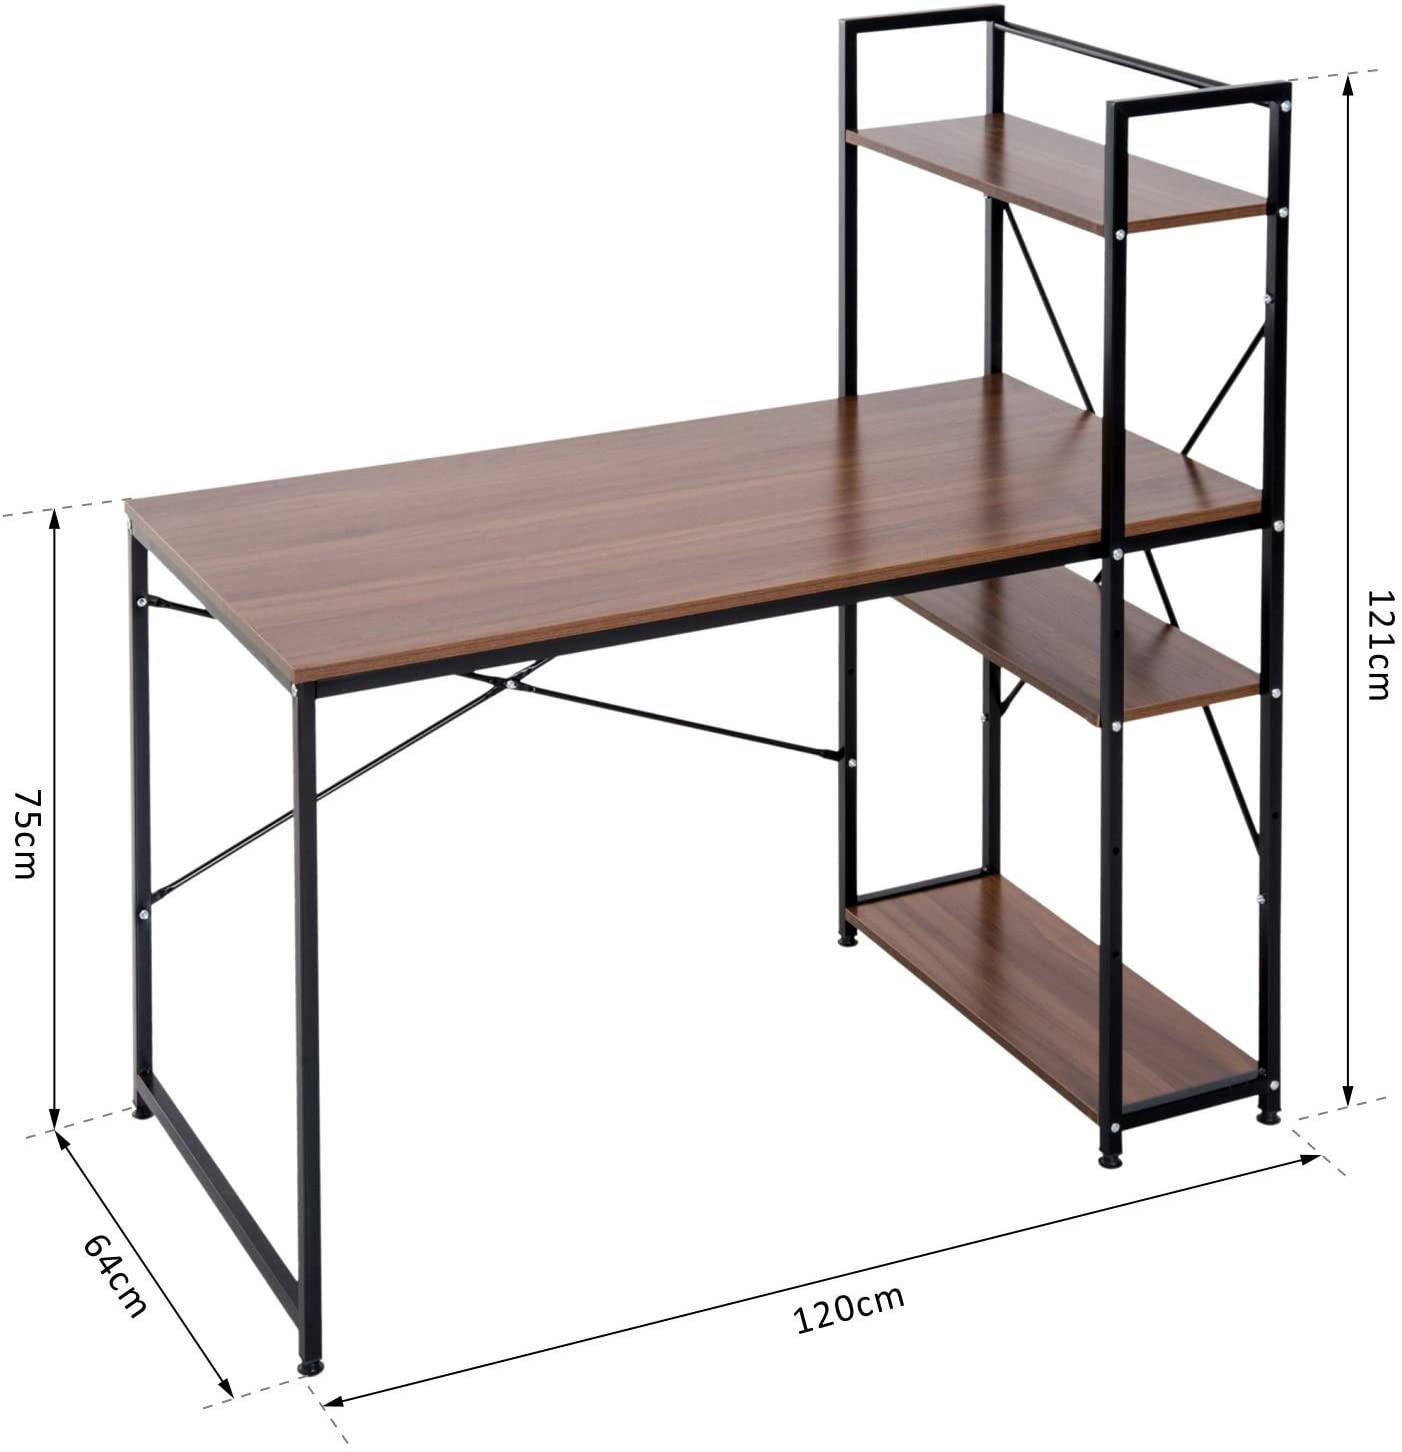 Računalniška pisalna miza MODE - s knjižnimi policami